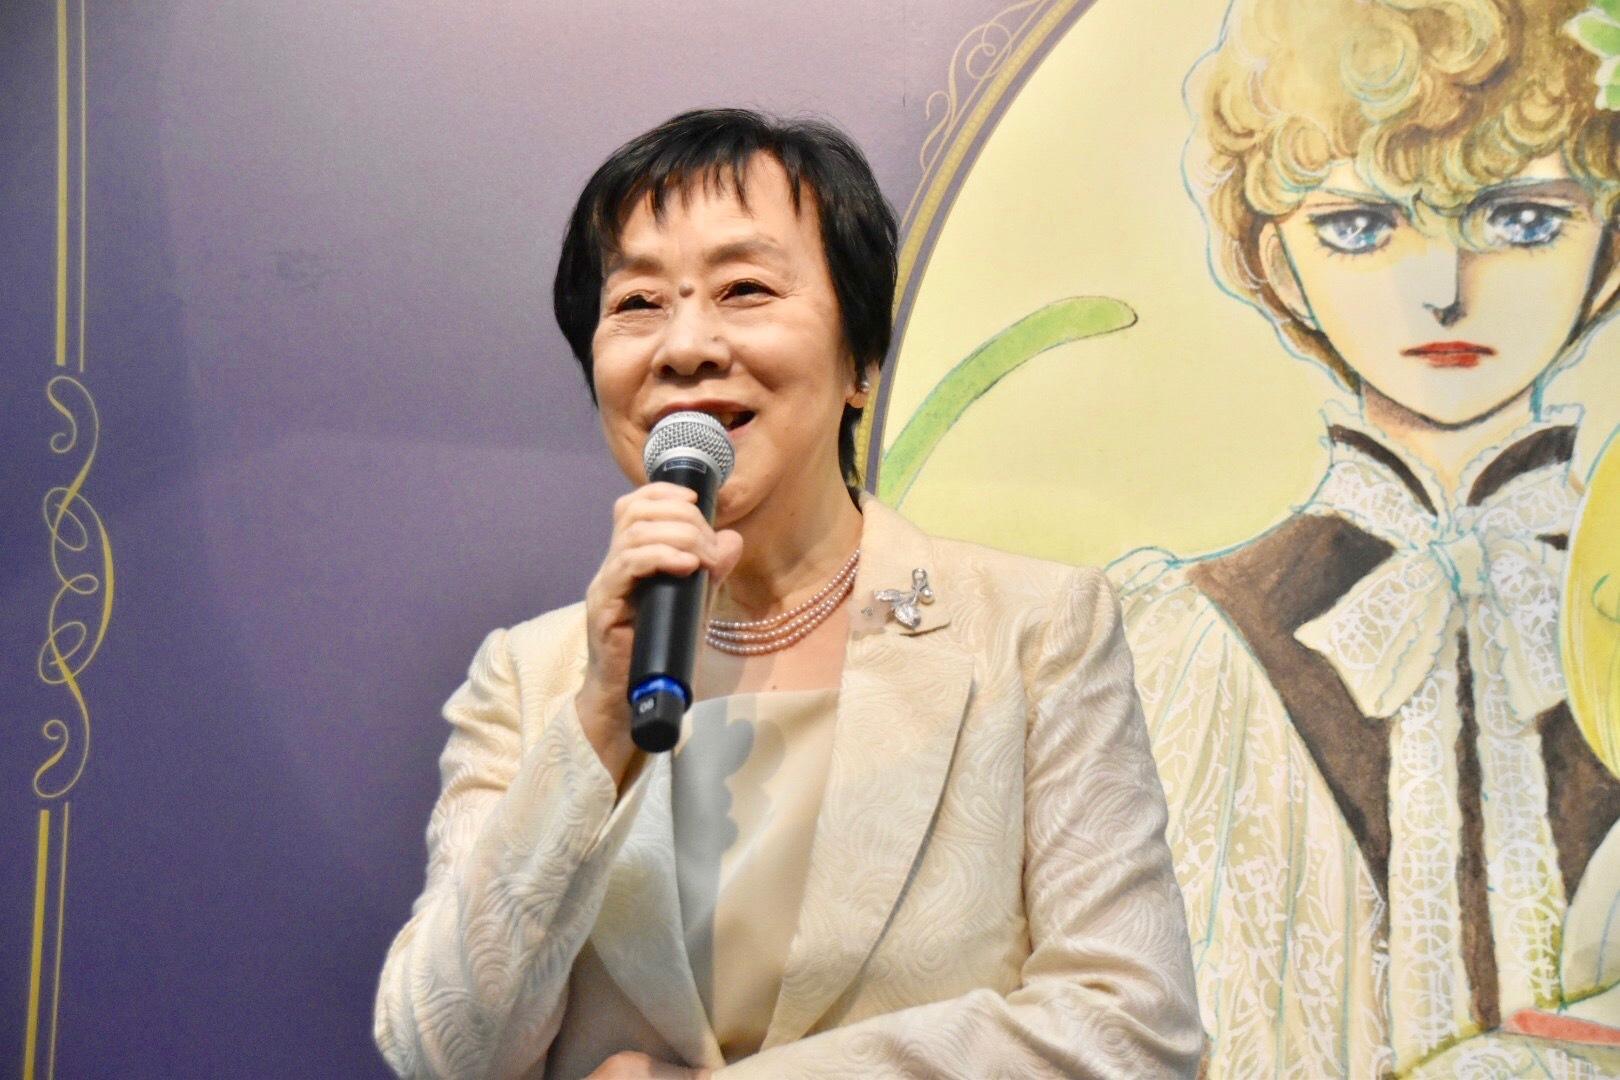 漫画家の萩尾望都